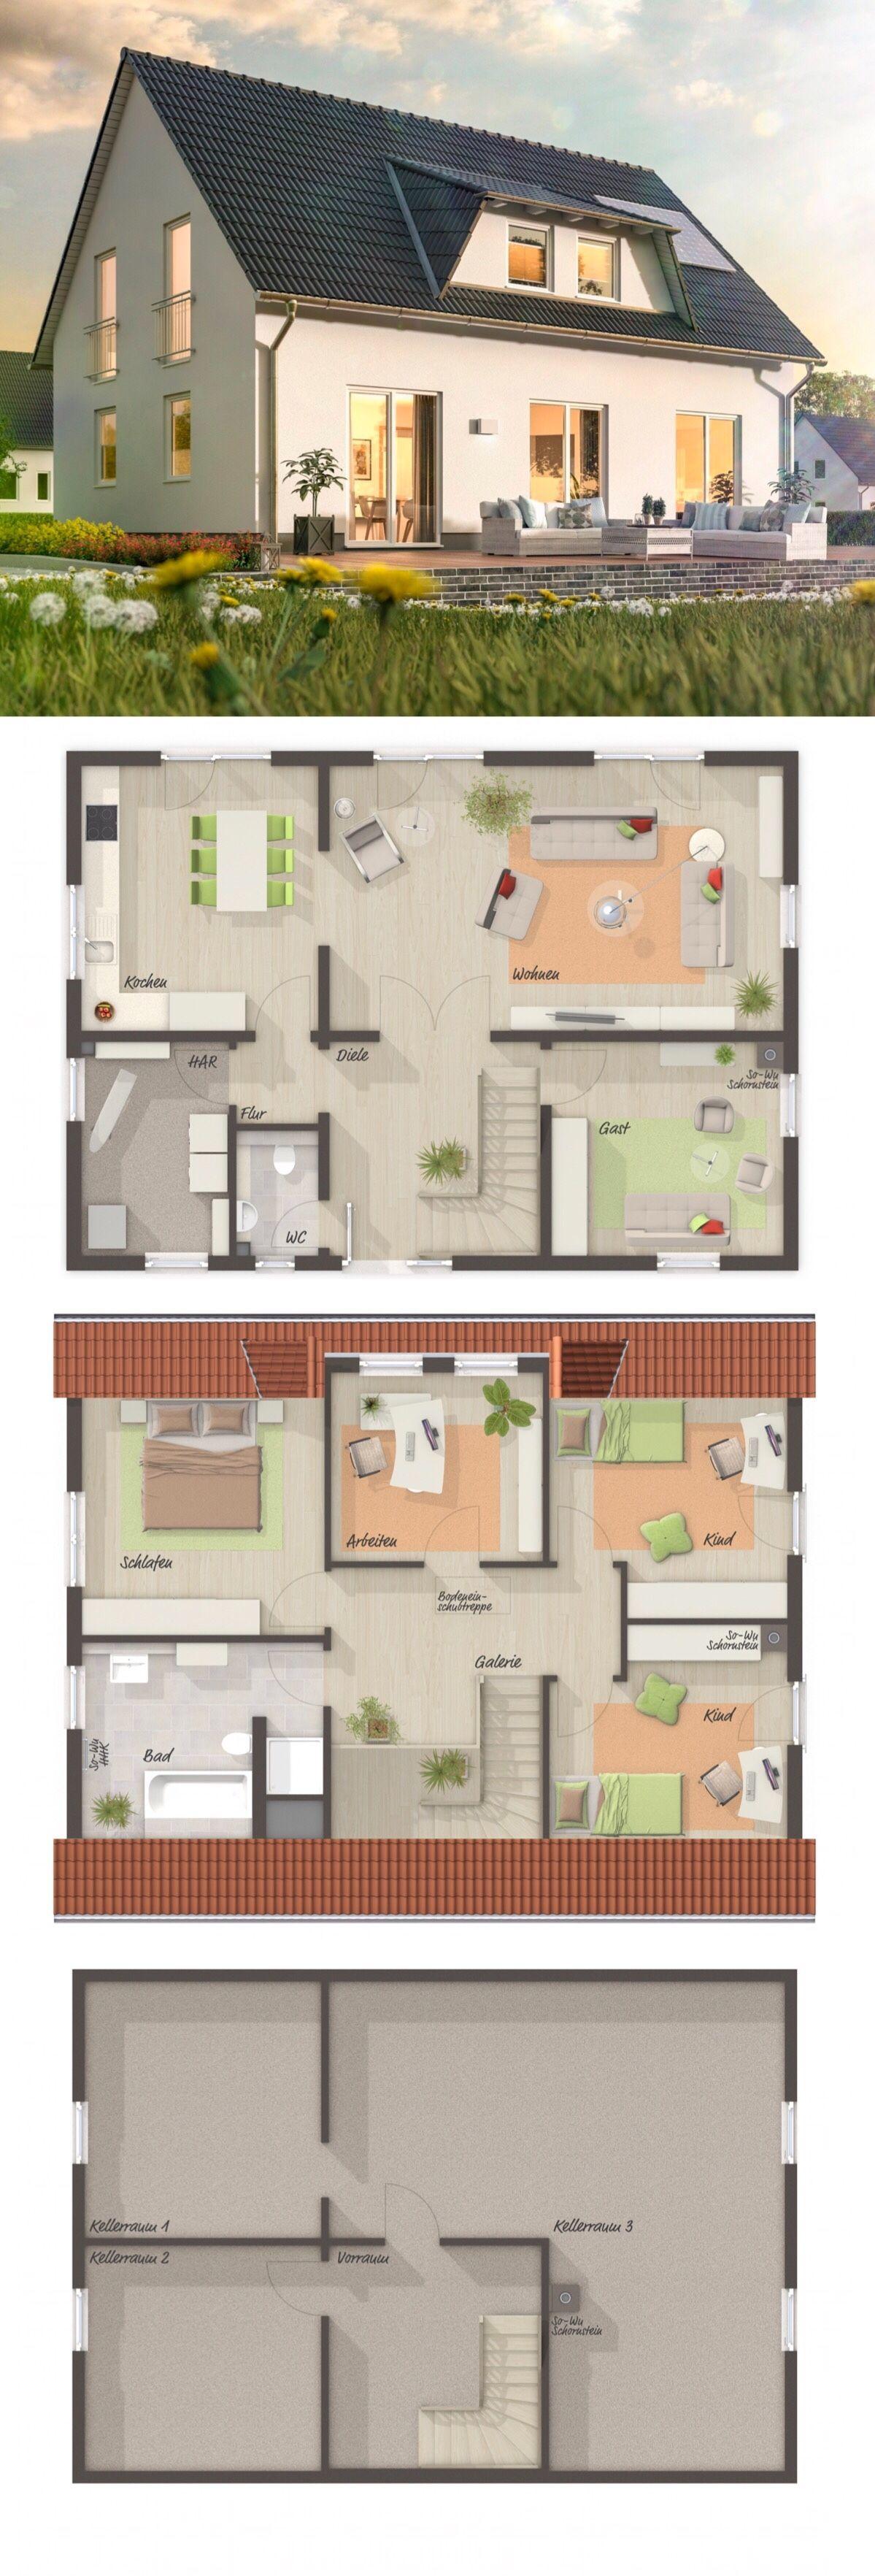 Einfamilienhaus LANDHAUS 142 mit Satteldach